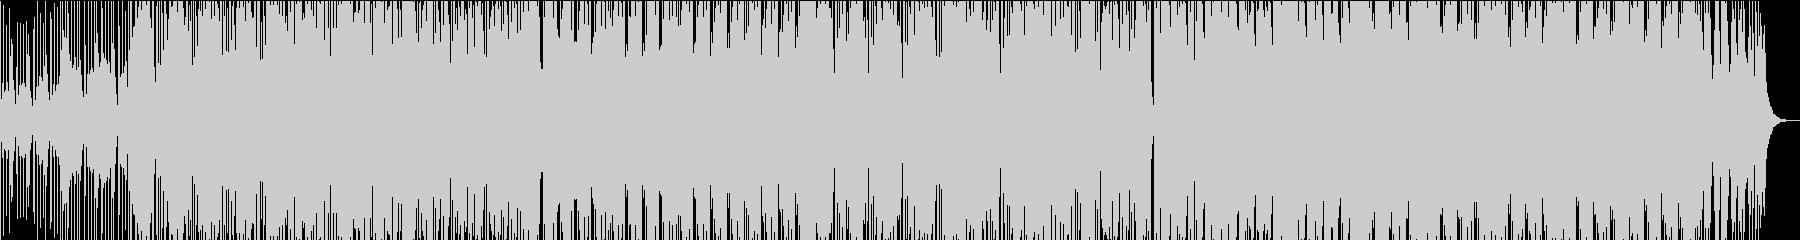 トロピカルさもありつつ洋楽Popsの未再生の波形